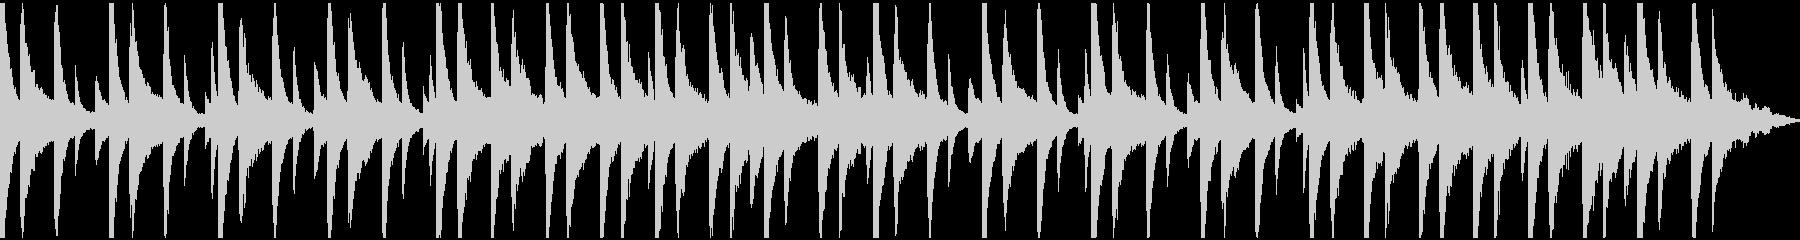 ピアノと環境音のチル (ループ)の未再生の波形